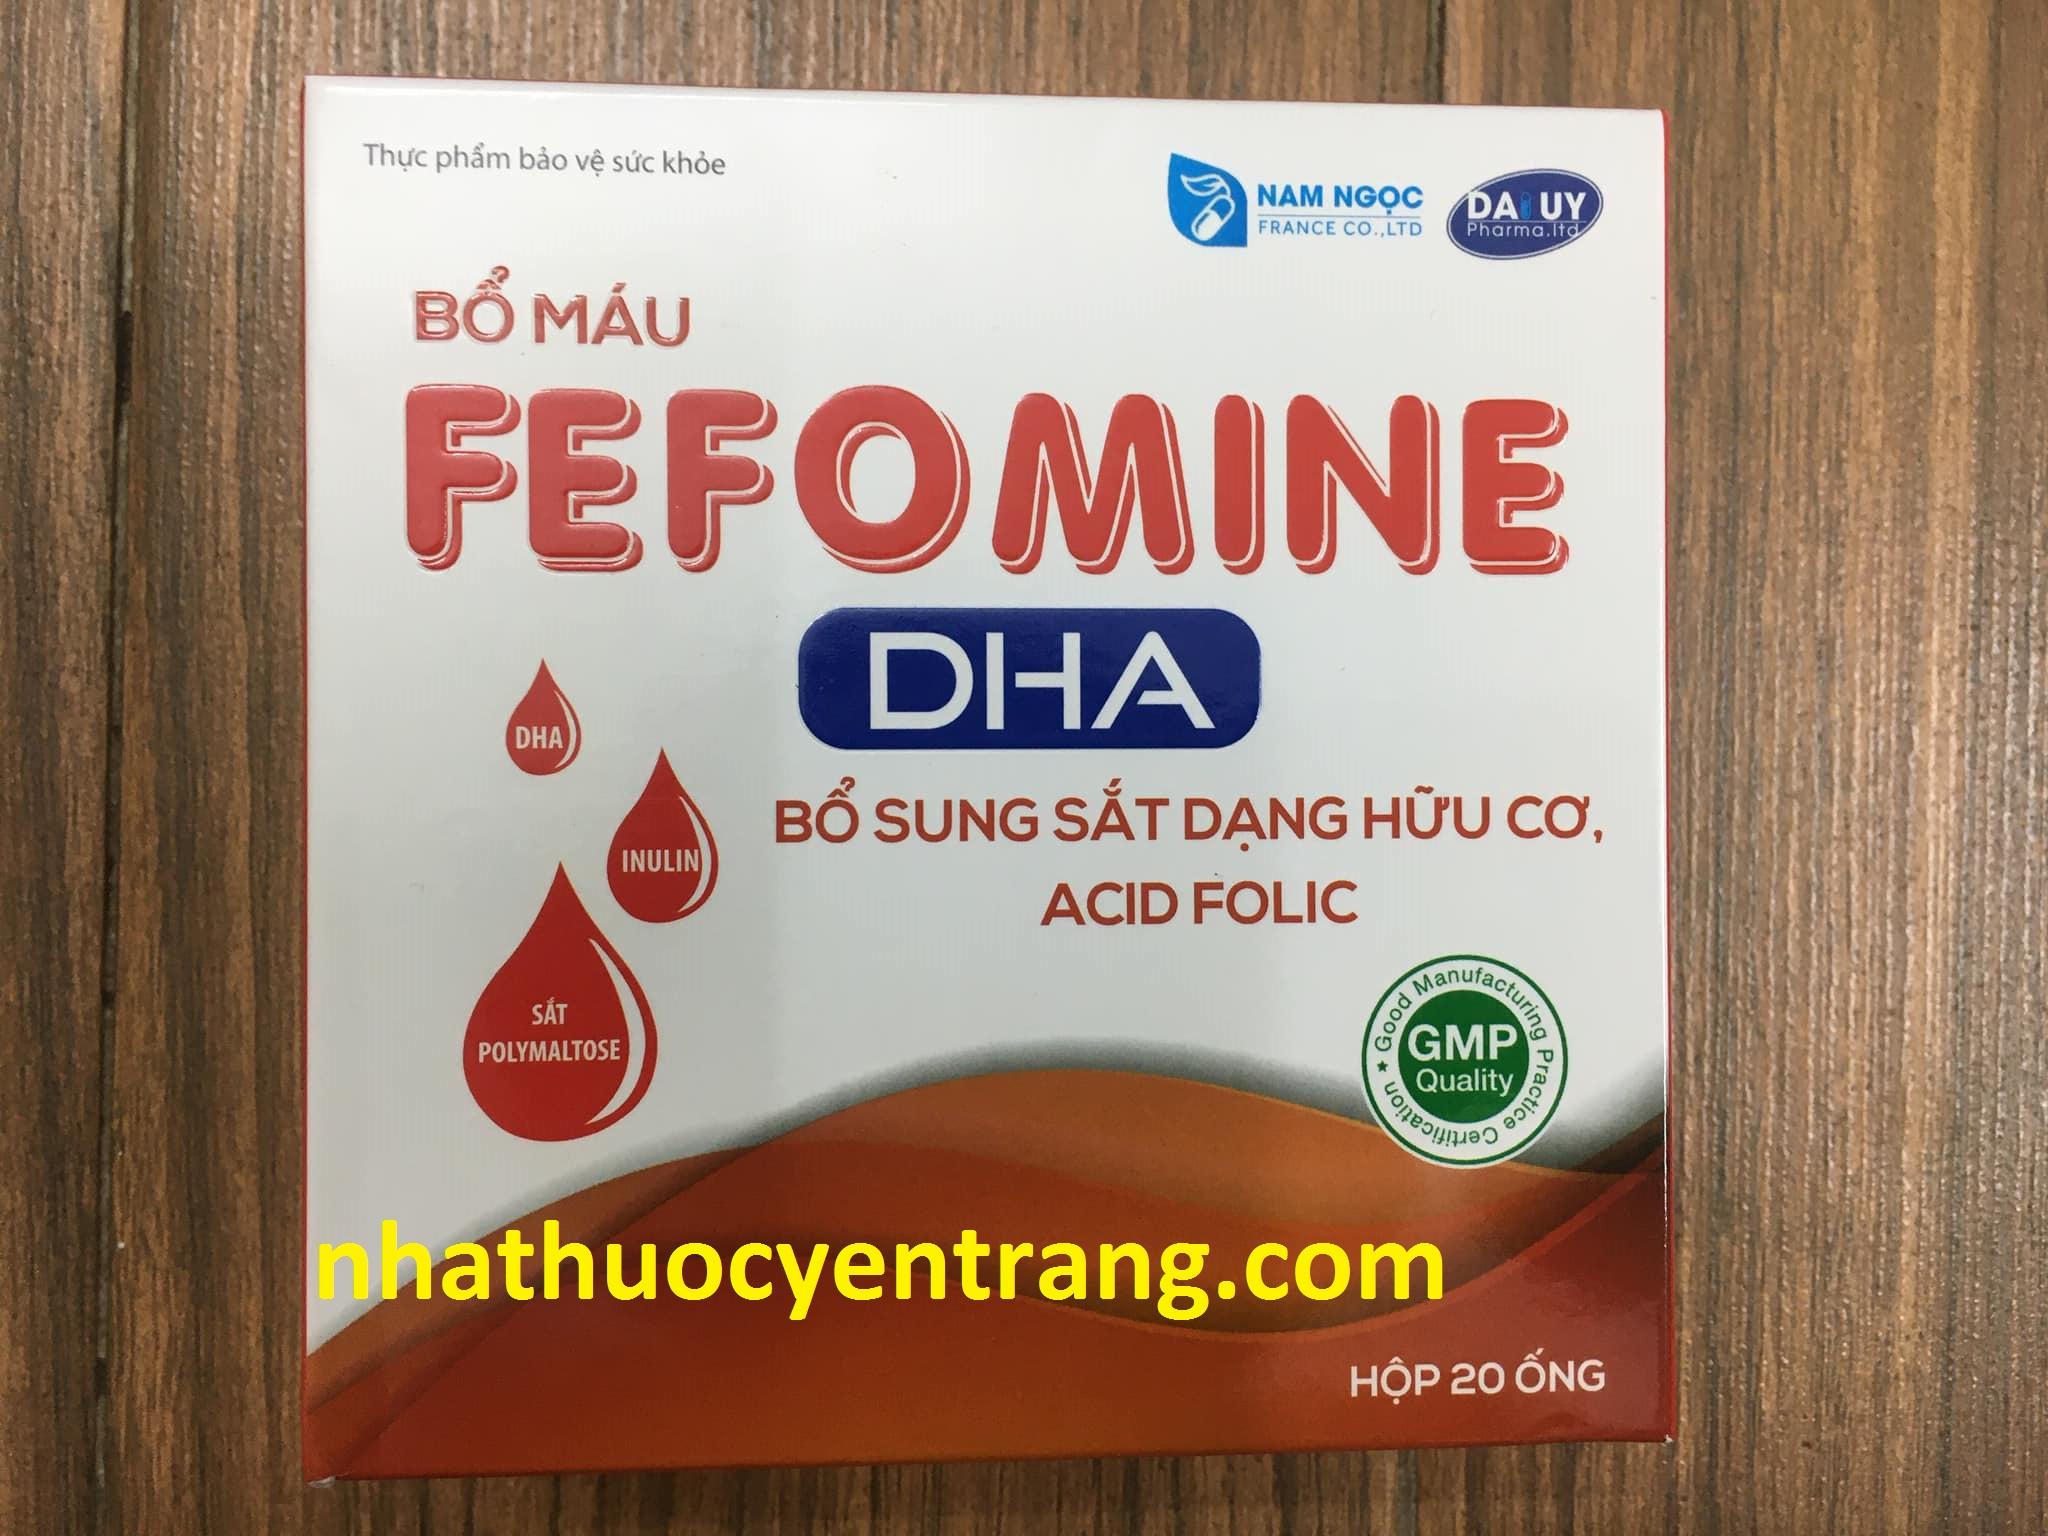 Fefomine DHA